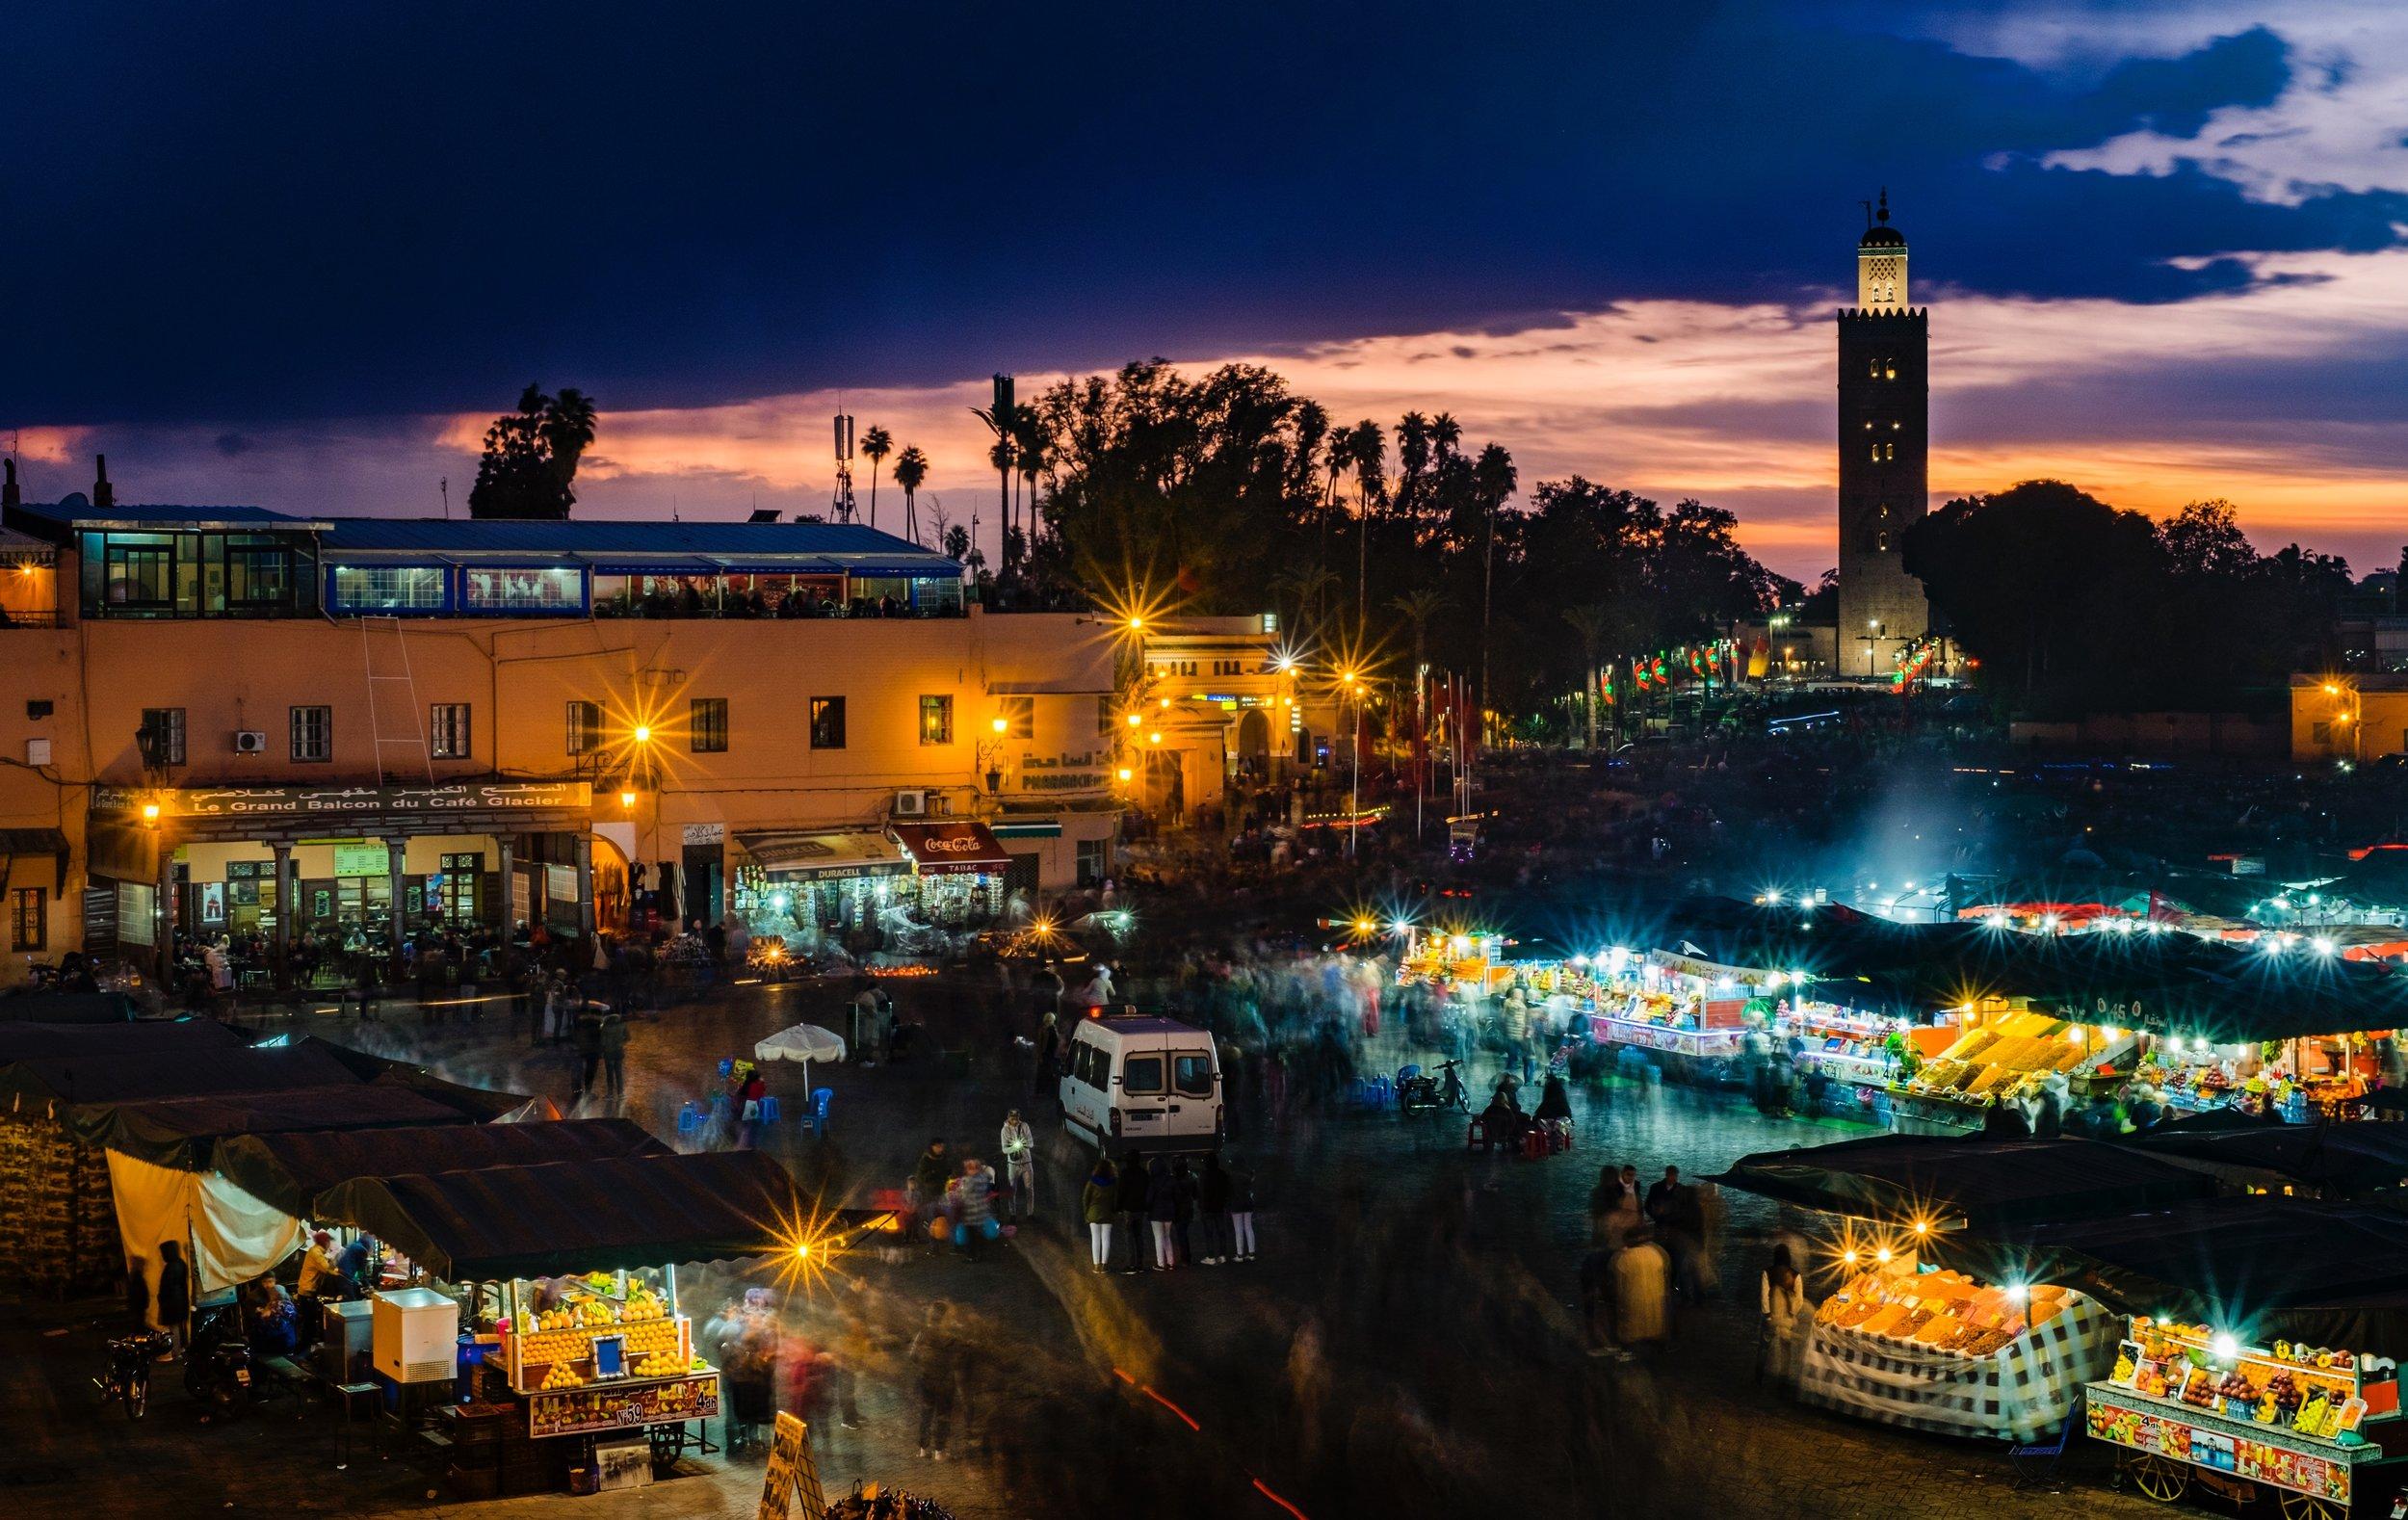 Jamaa el-Fnaa Square in Marrakech